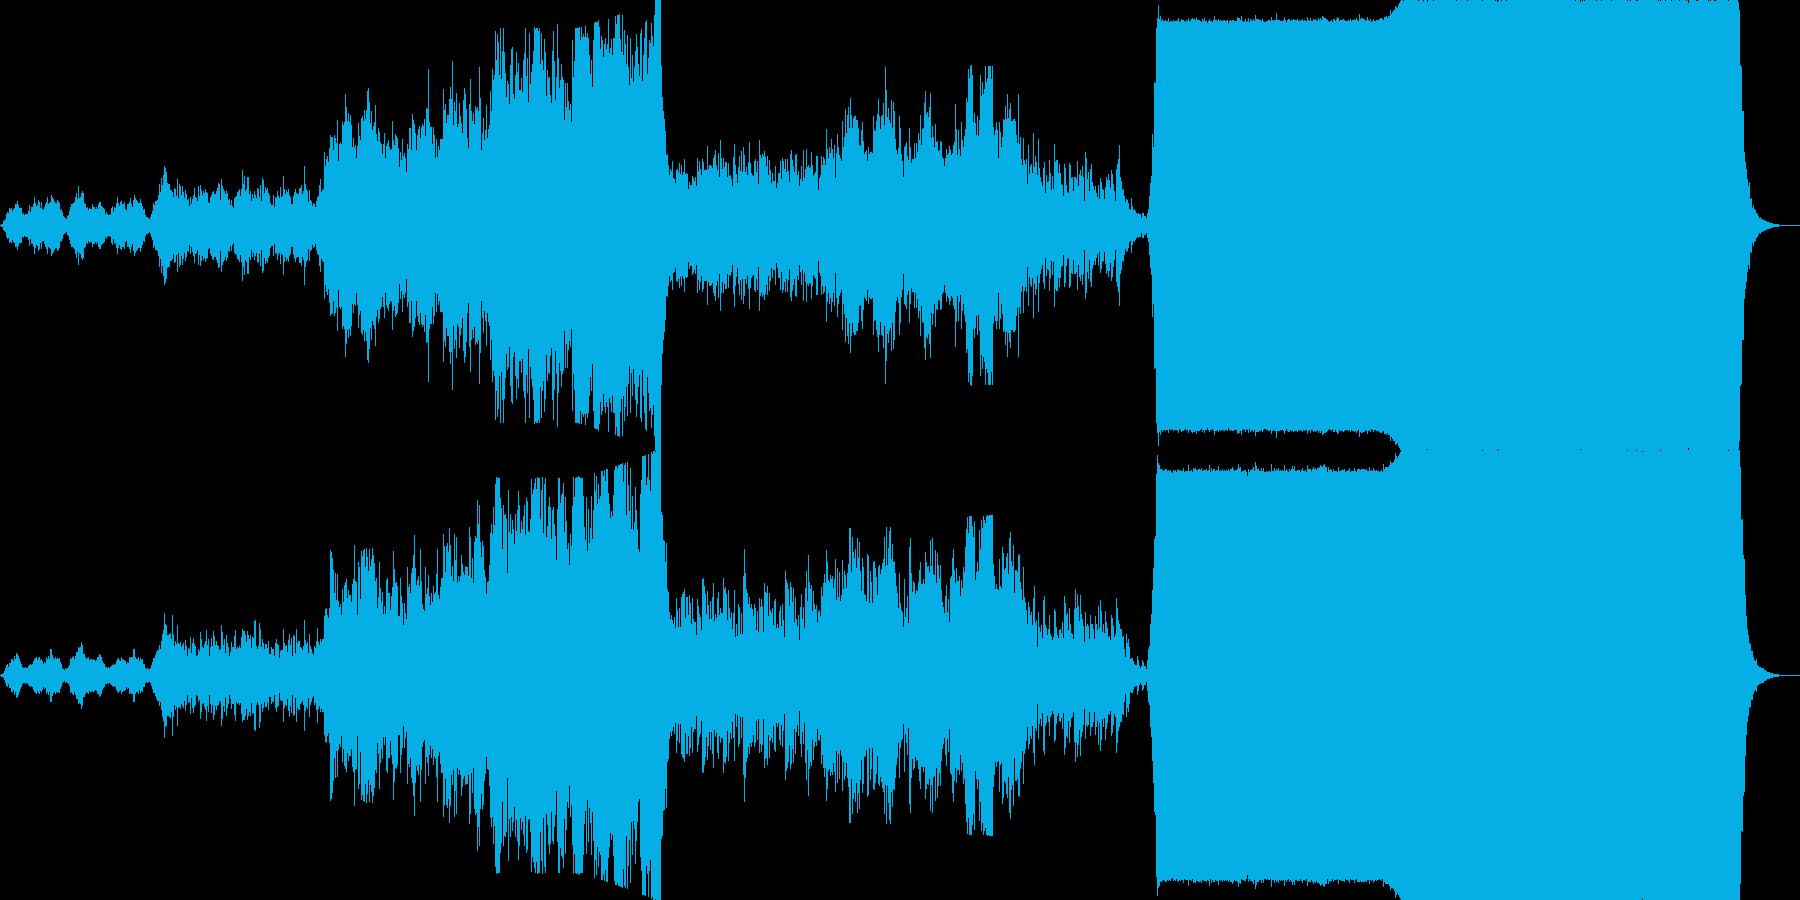 スケール大きめで重い雰囲気の劇版用BGMの再生済みの波形